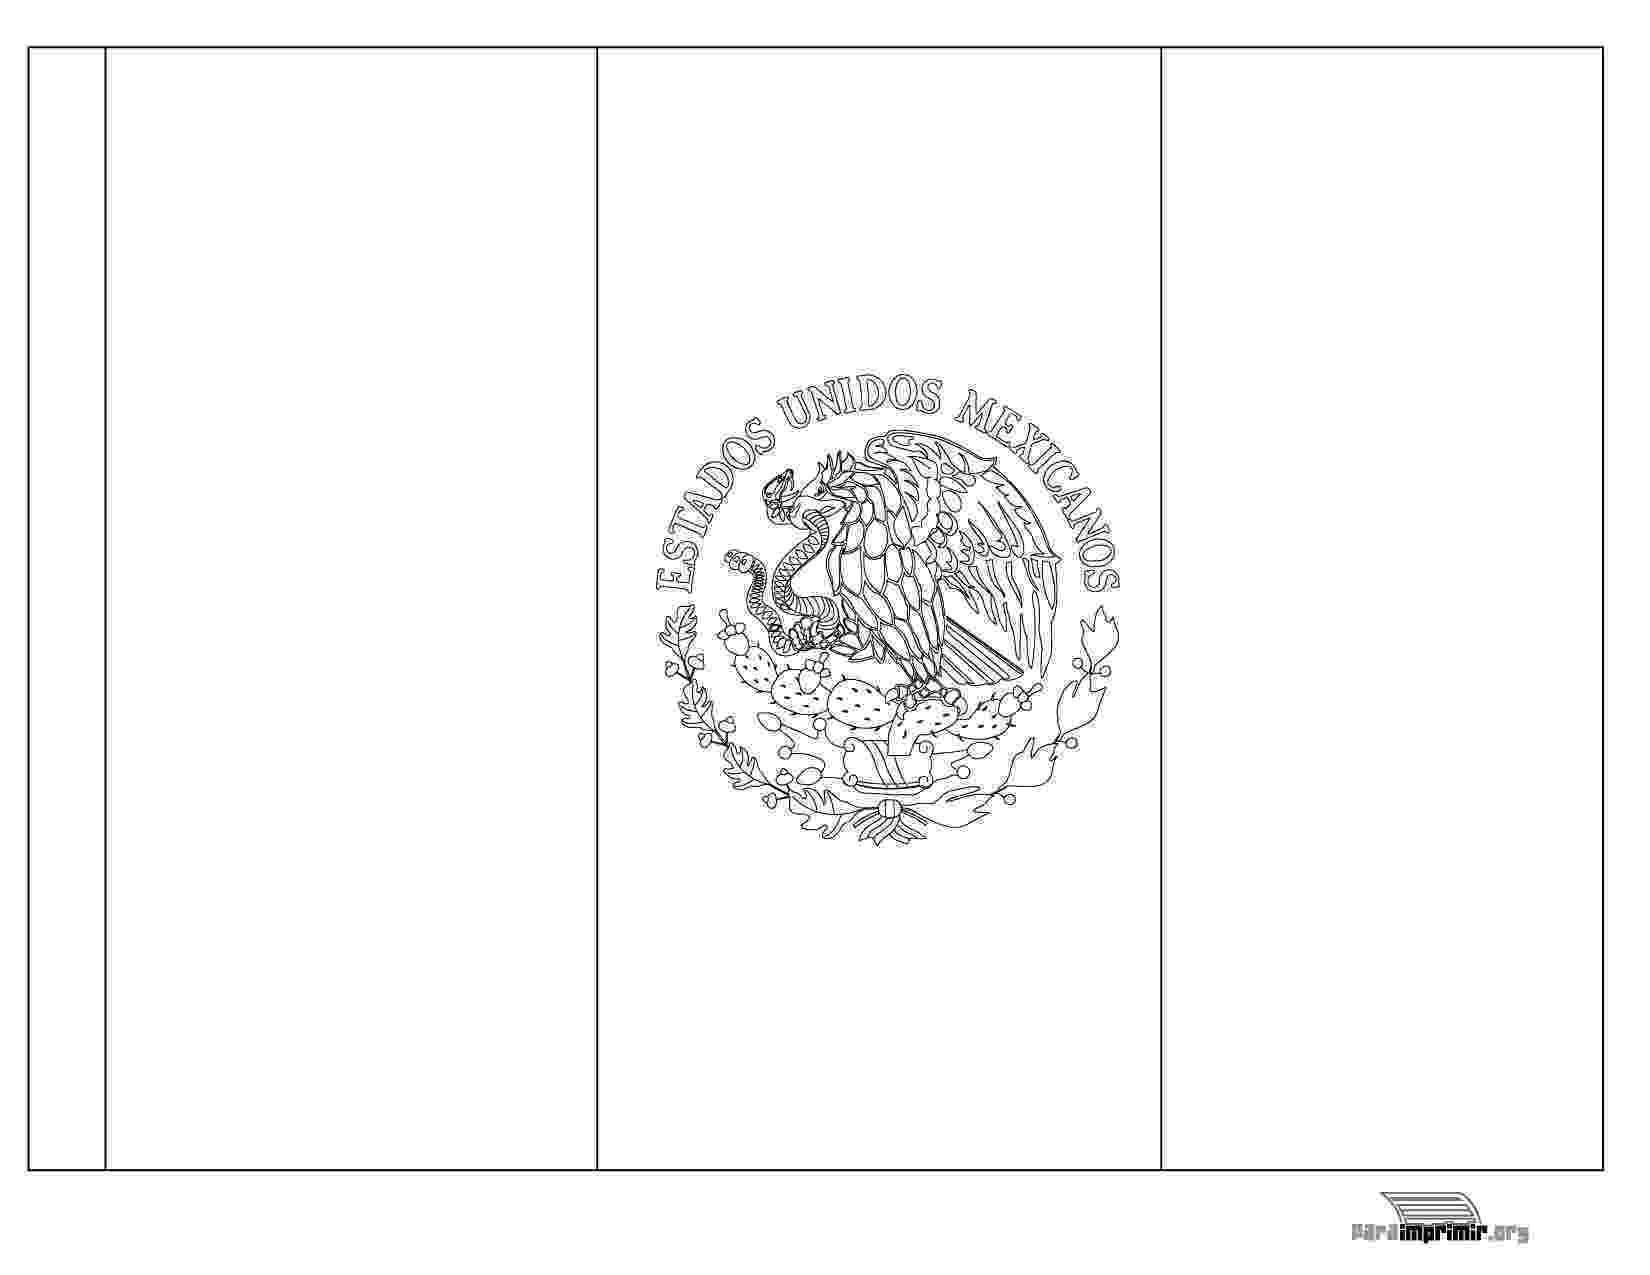 bandera de eeuu para pintar mapa y bandera de mexico para dibujar pintar colorear para pintar bandera eeuu de